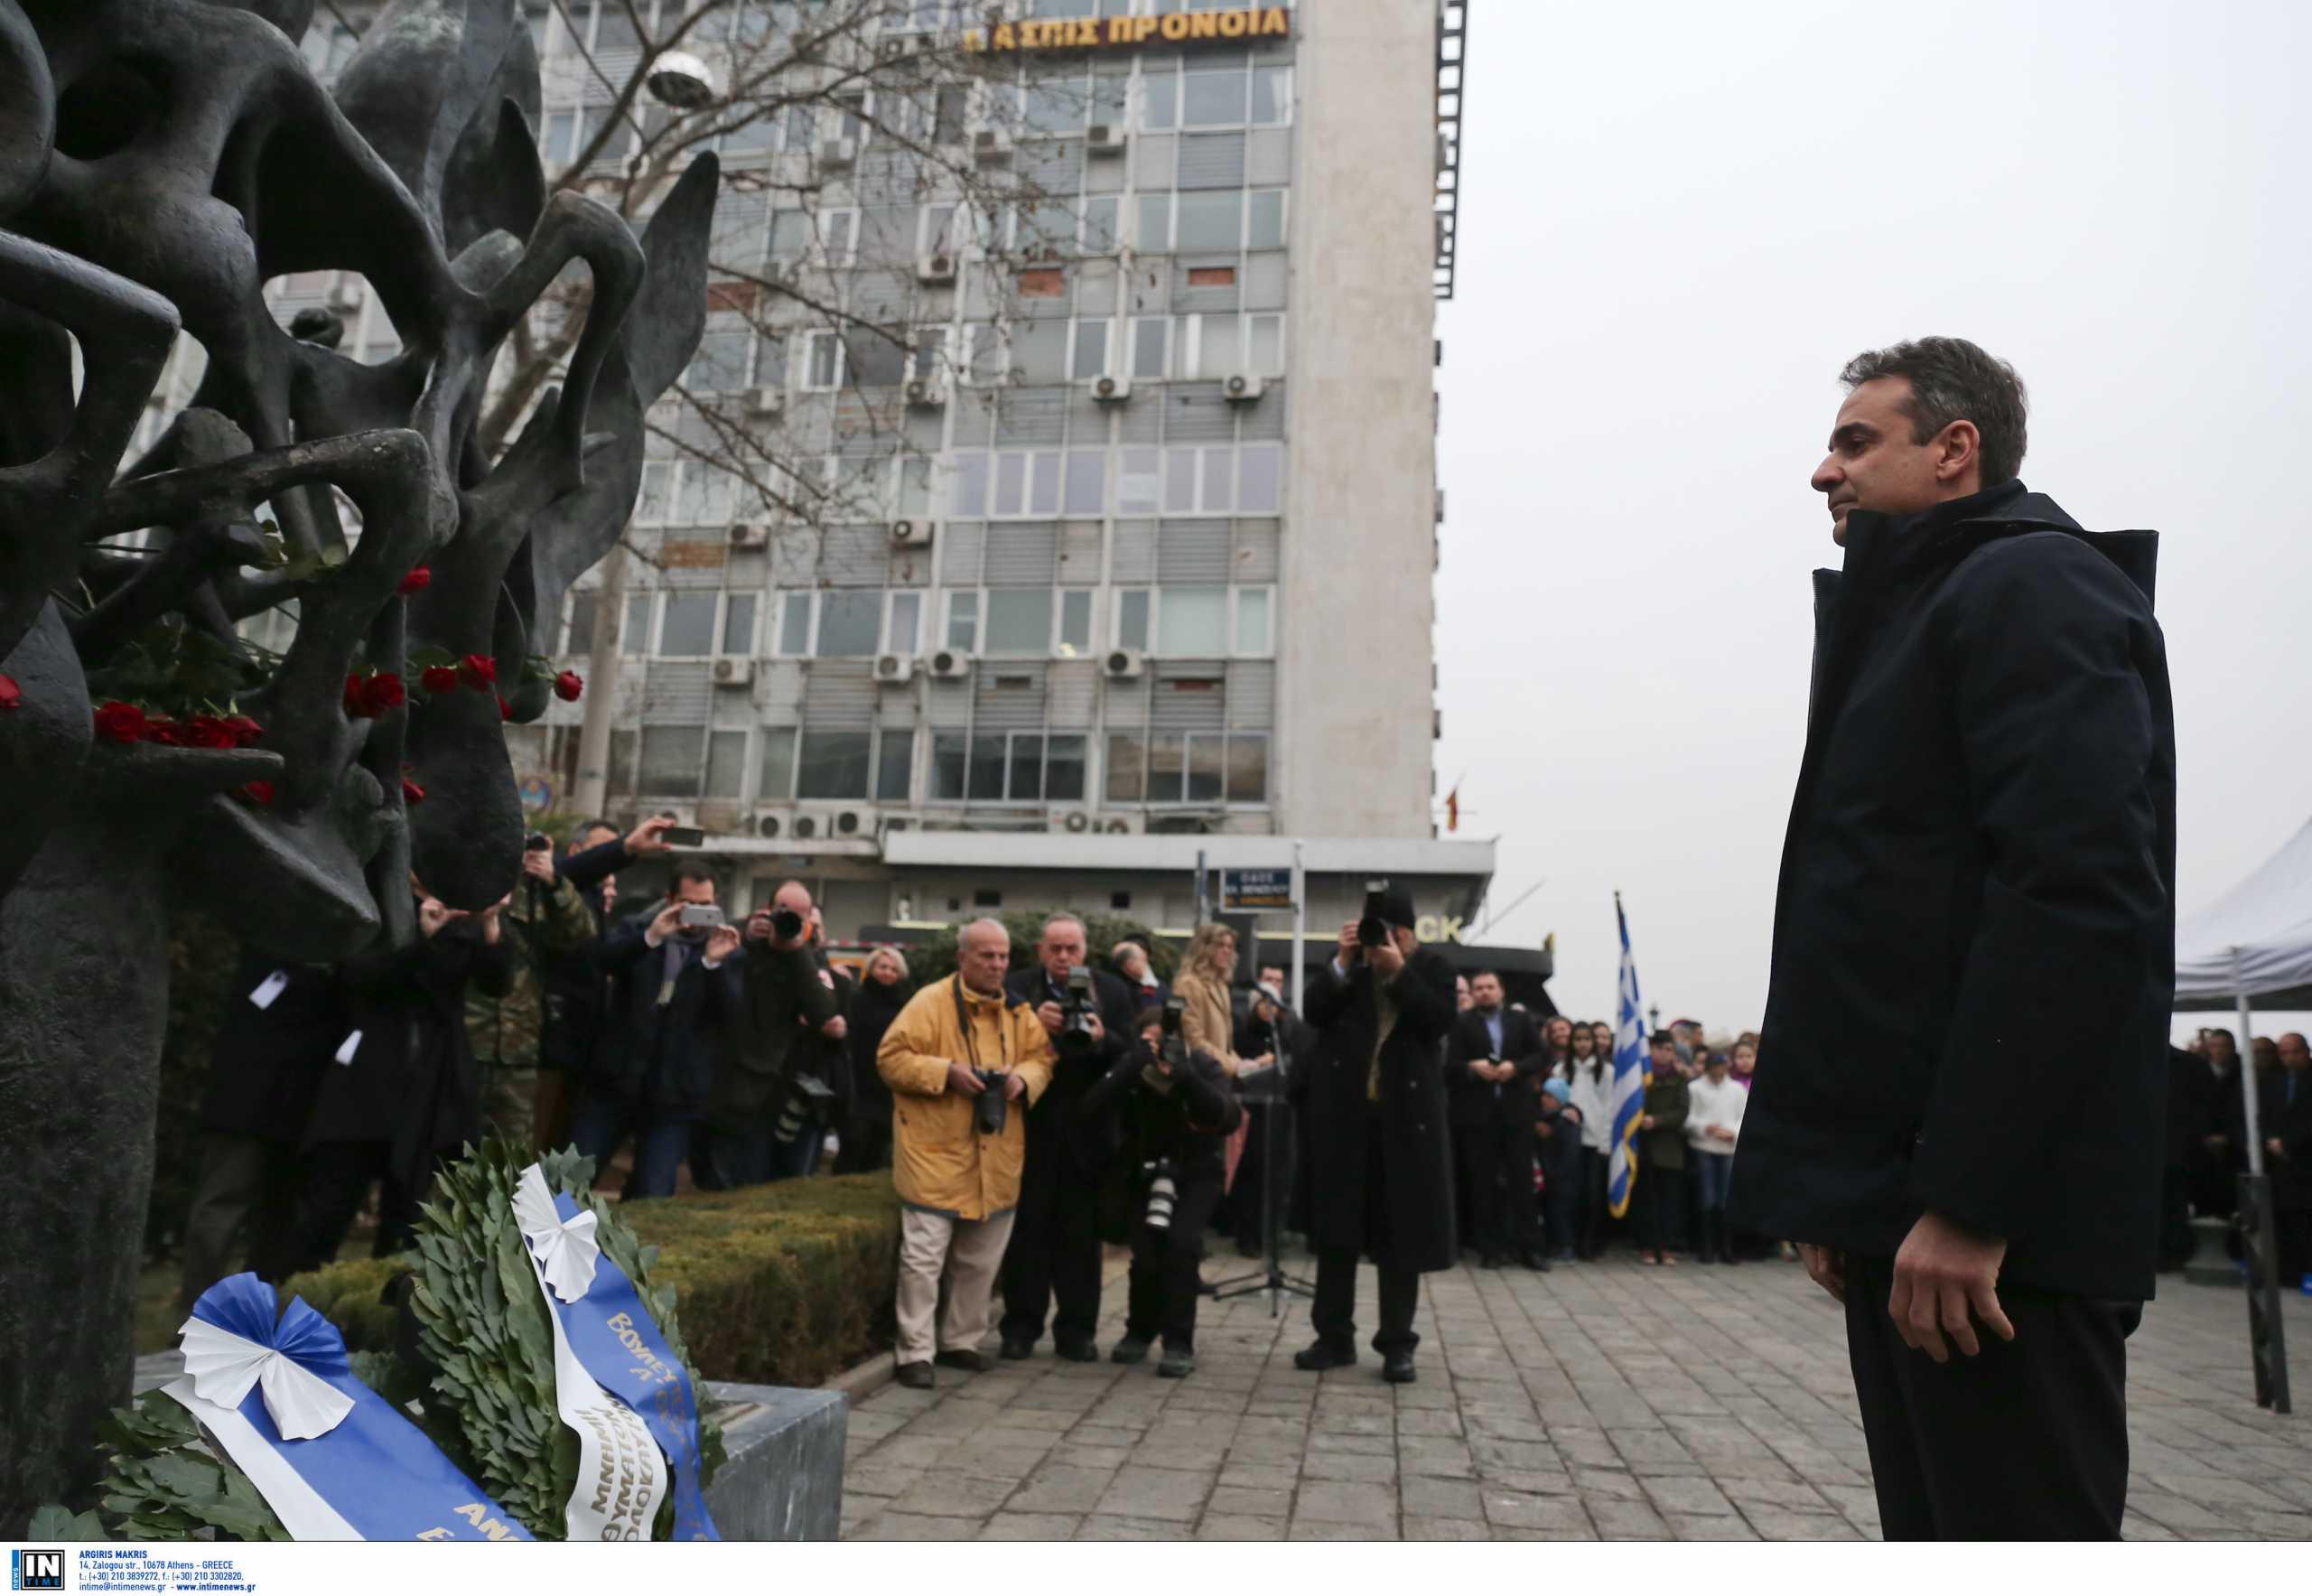 «Μπράβο» του Στέιτ Ντιπάρτμεντ στην ελληνική κυβέρνηση για θρησκευτικές ελευθερίες και εβραϊκή κοινότητα